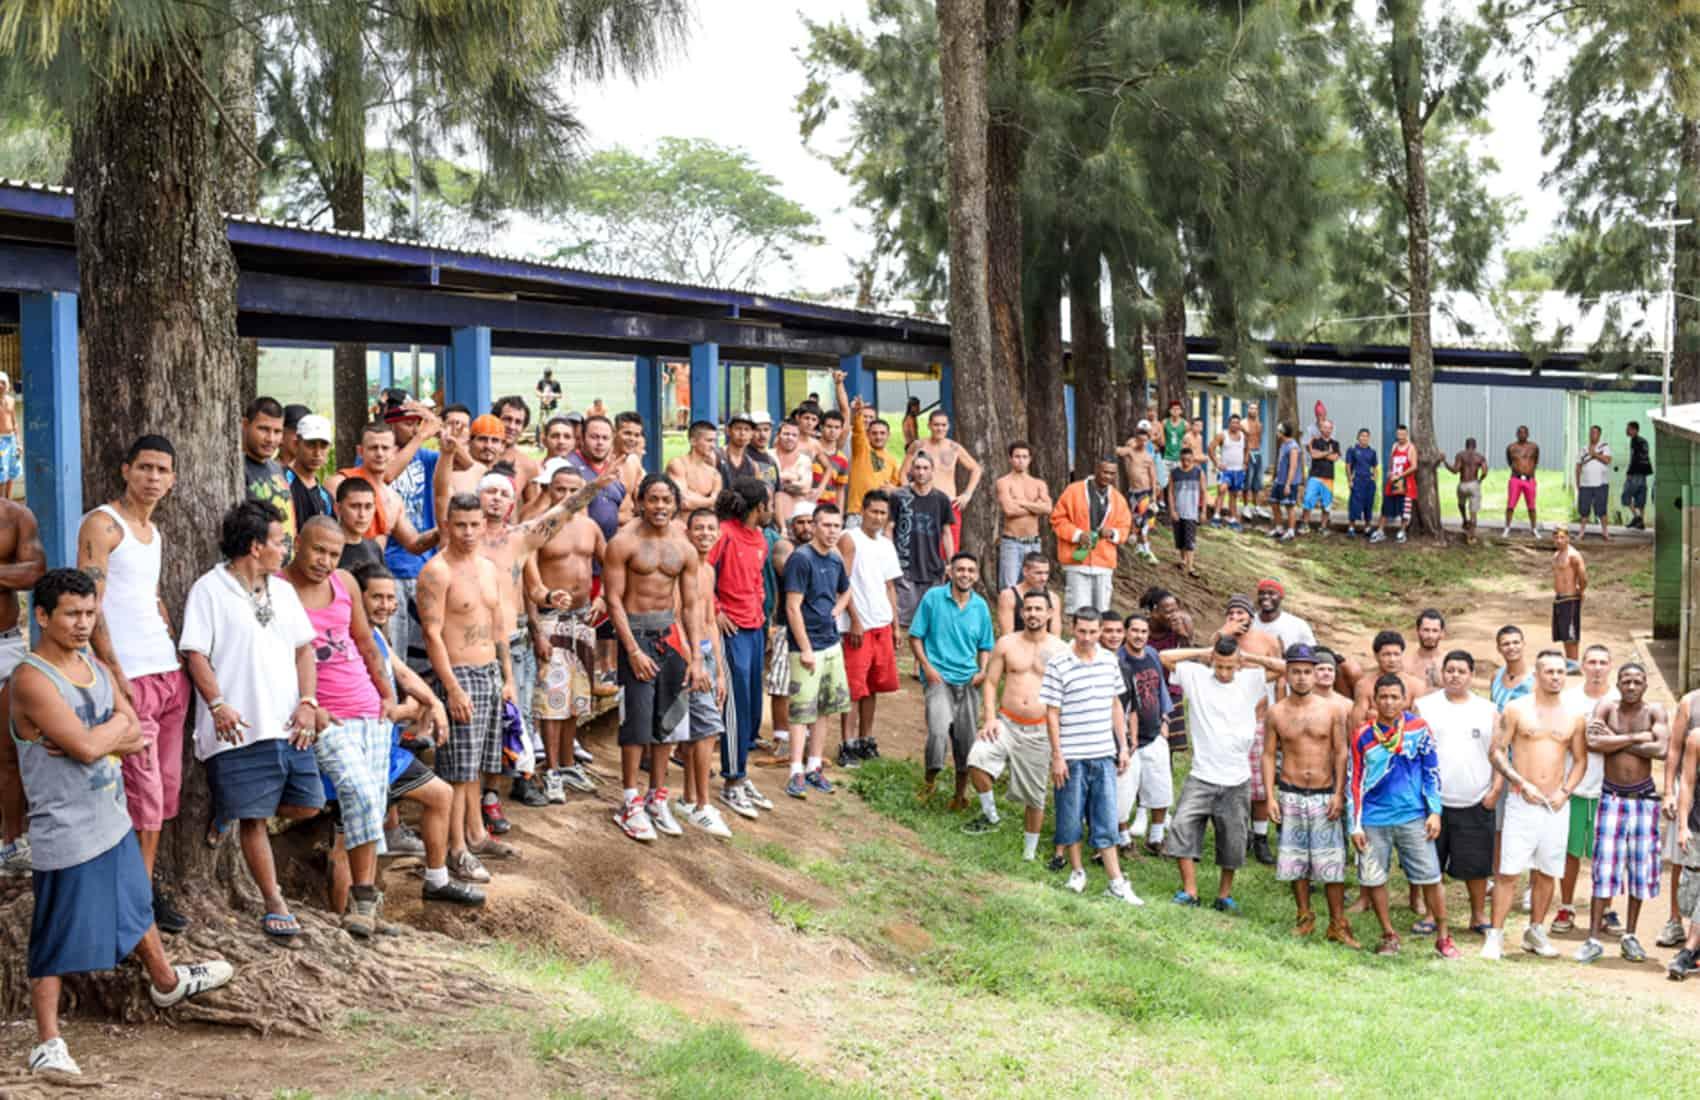 La Reforma Prison: Costa Rica prisons